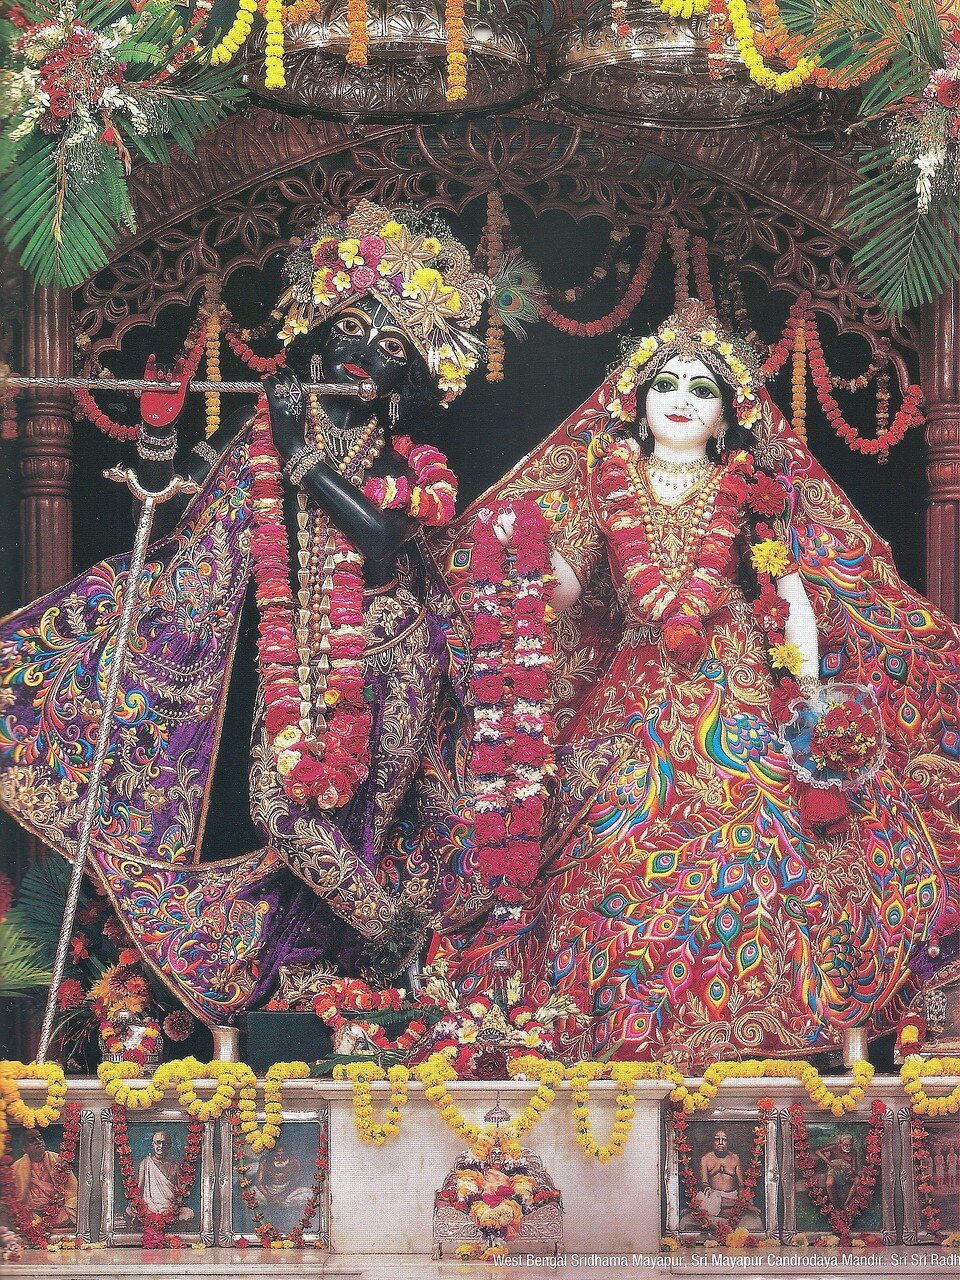 Божества Шри Шри Радха-Кришна